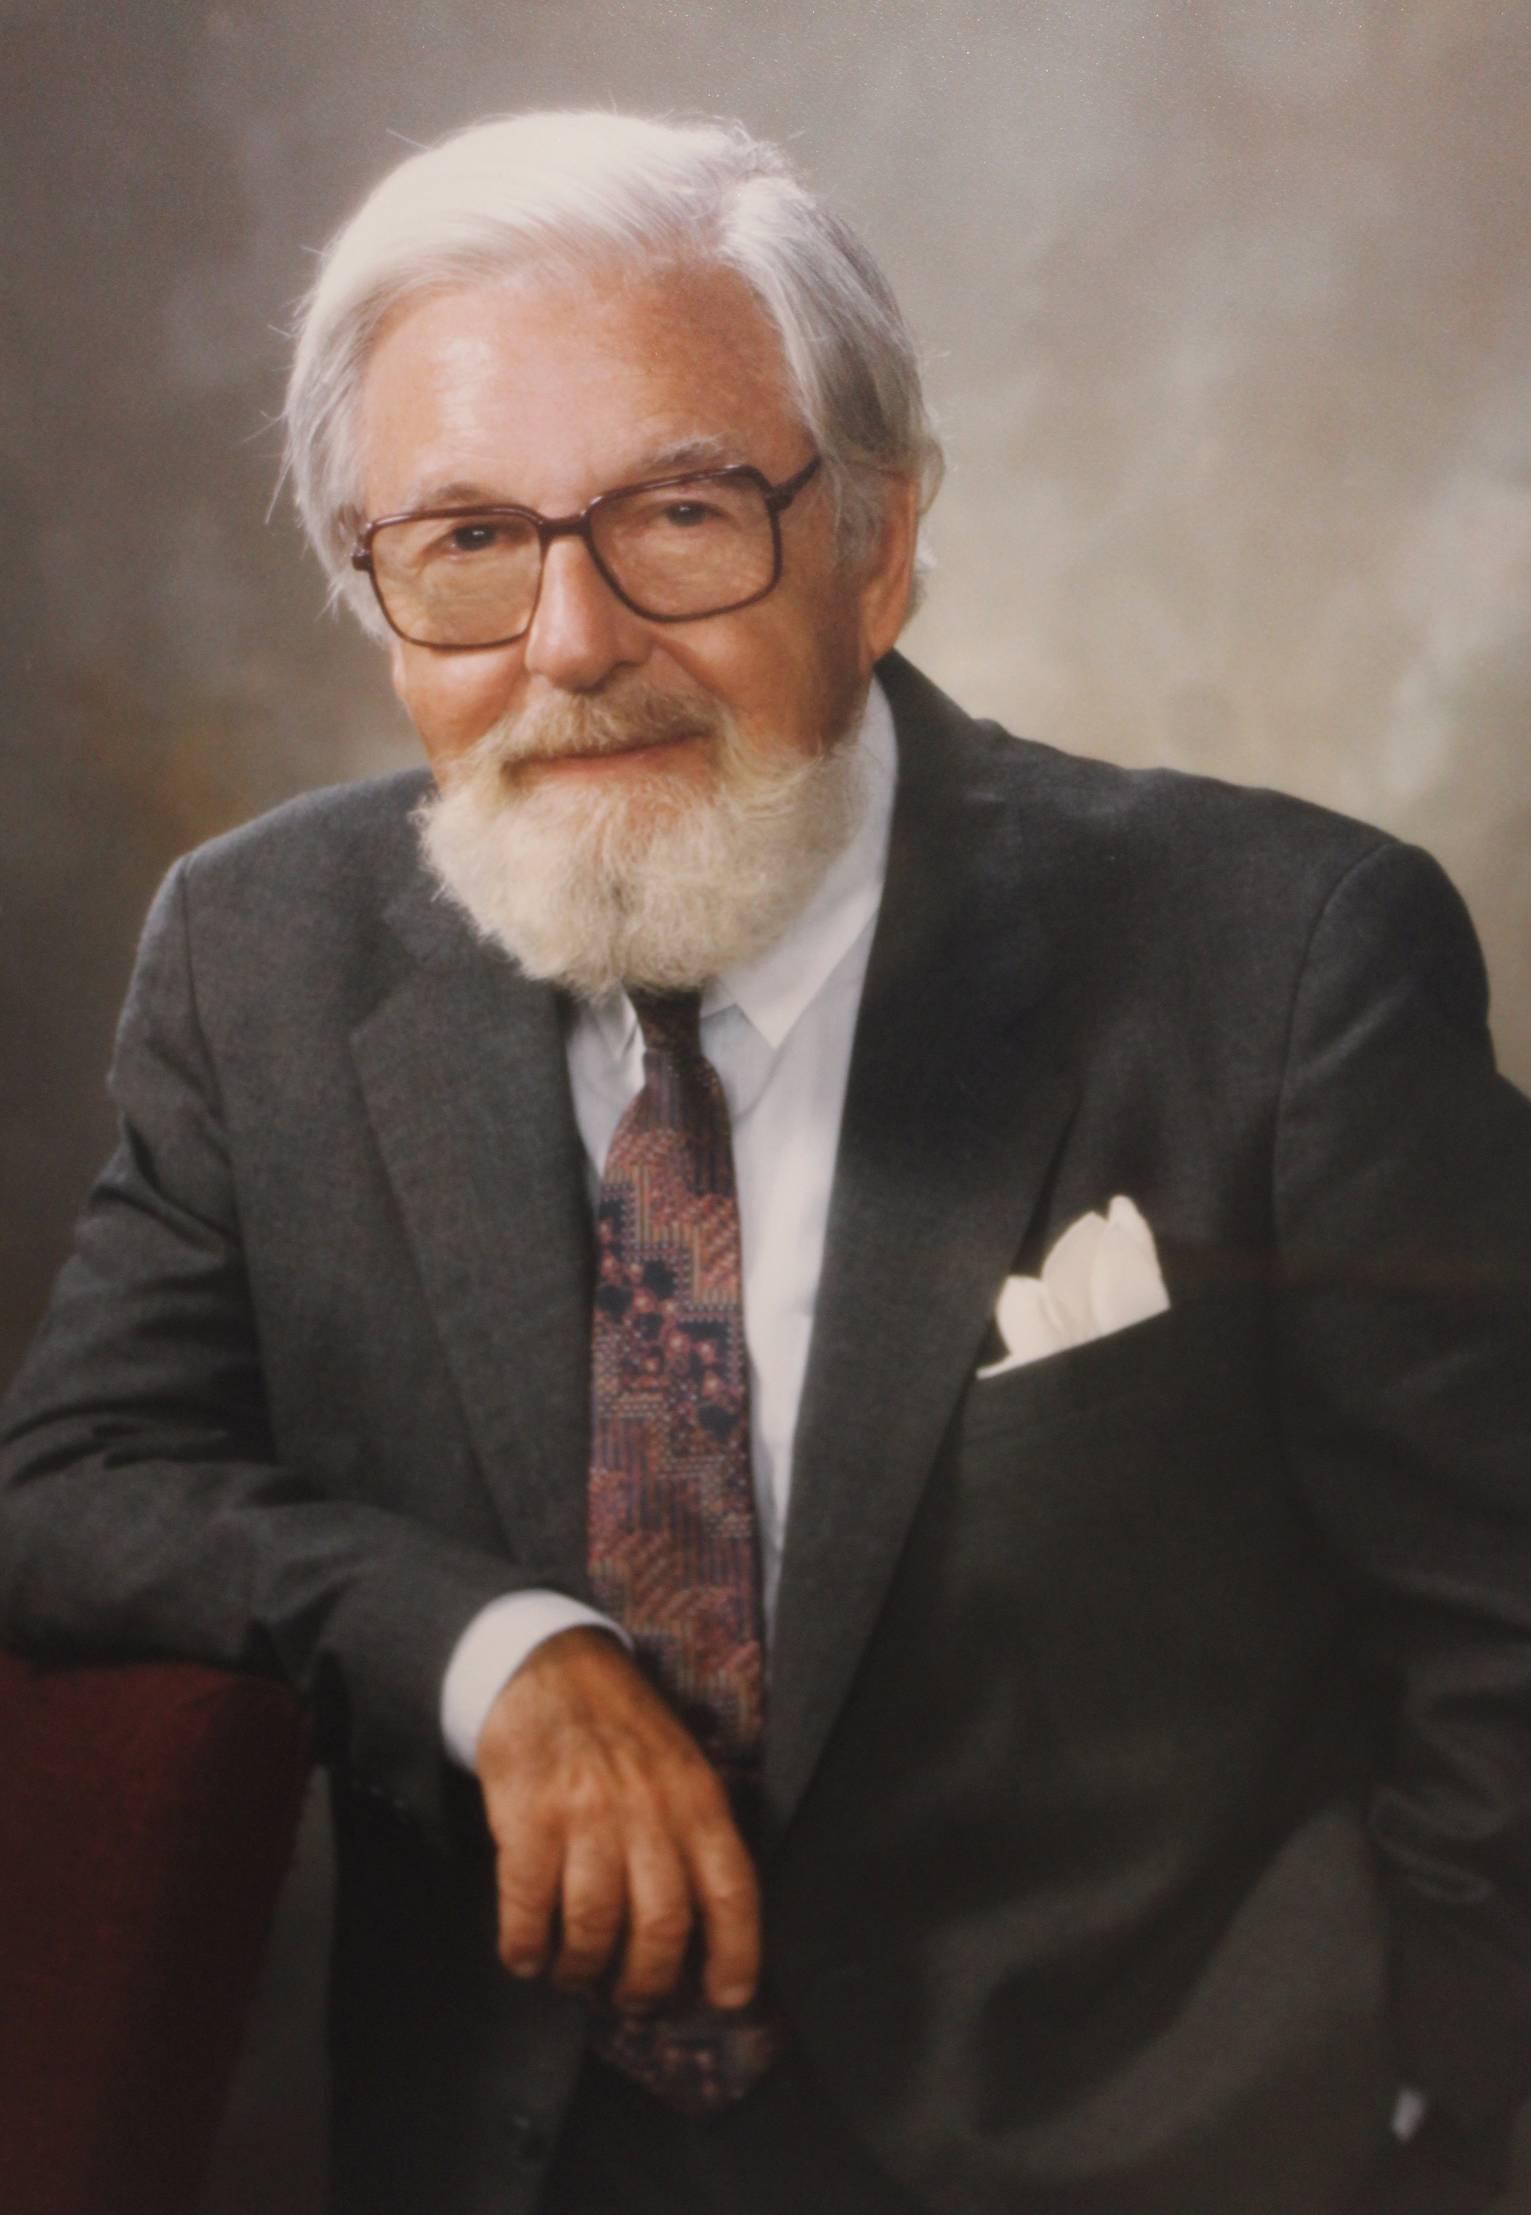 rabbi rothman no outline